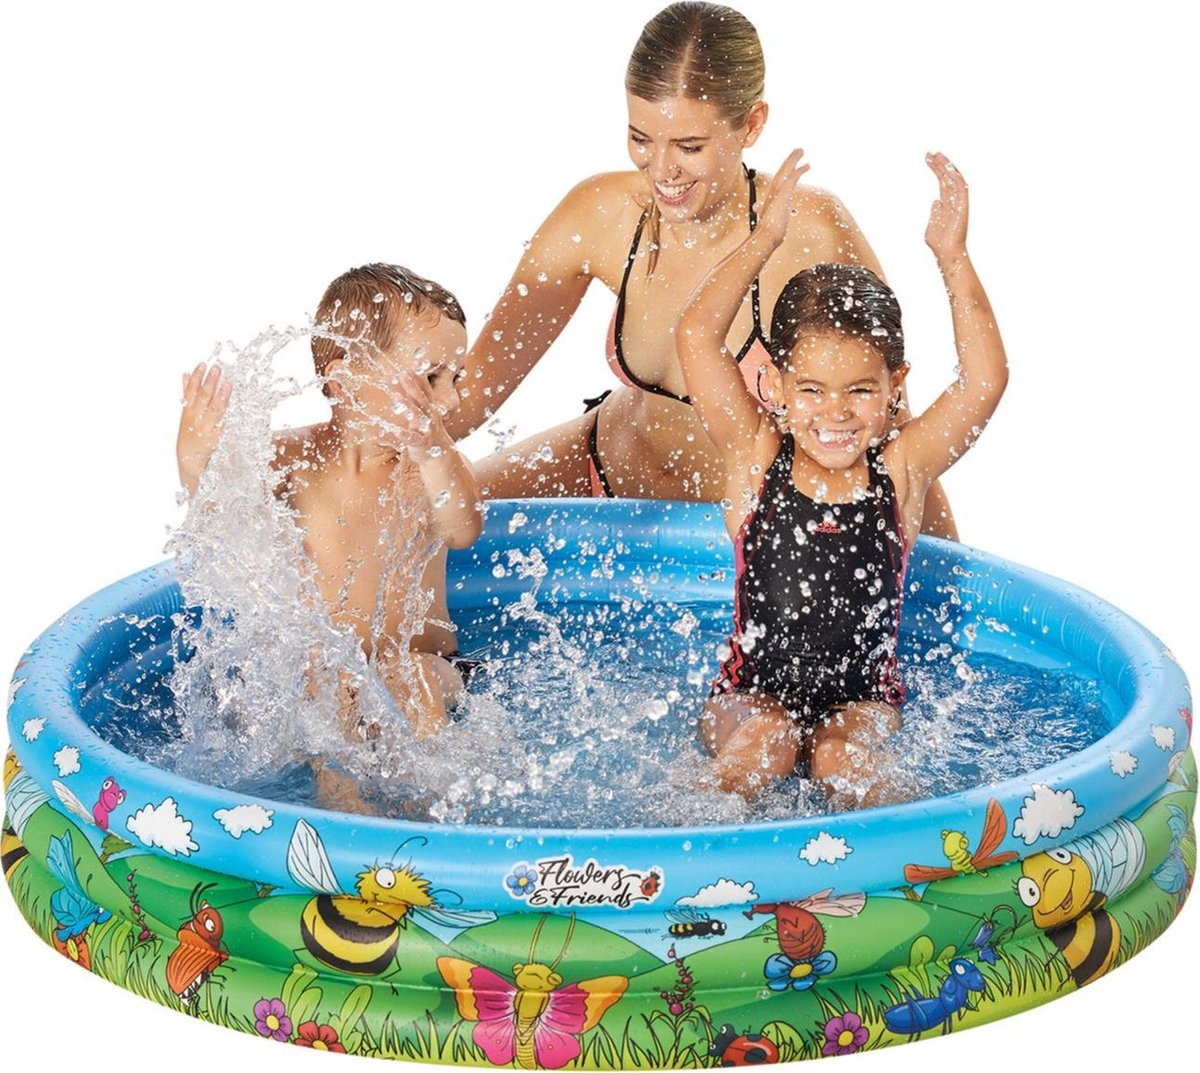 Blauw/bloemen opblaasbaar zwembad 122 x 23 cm speelgoed - Rond zwembadje - Pierenbadje - Buitenspeelgoed voor kinderen